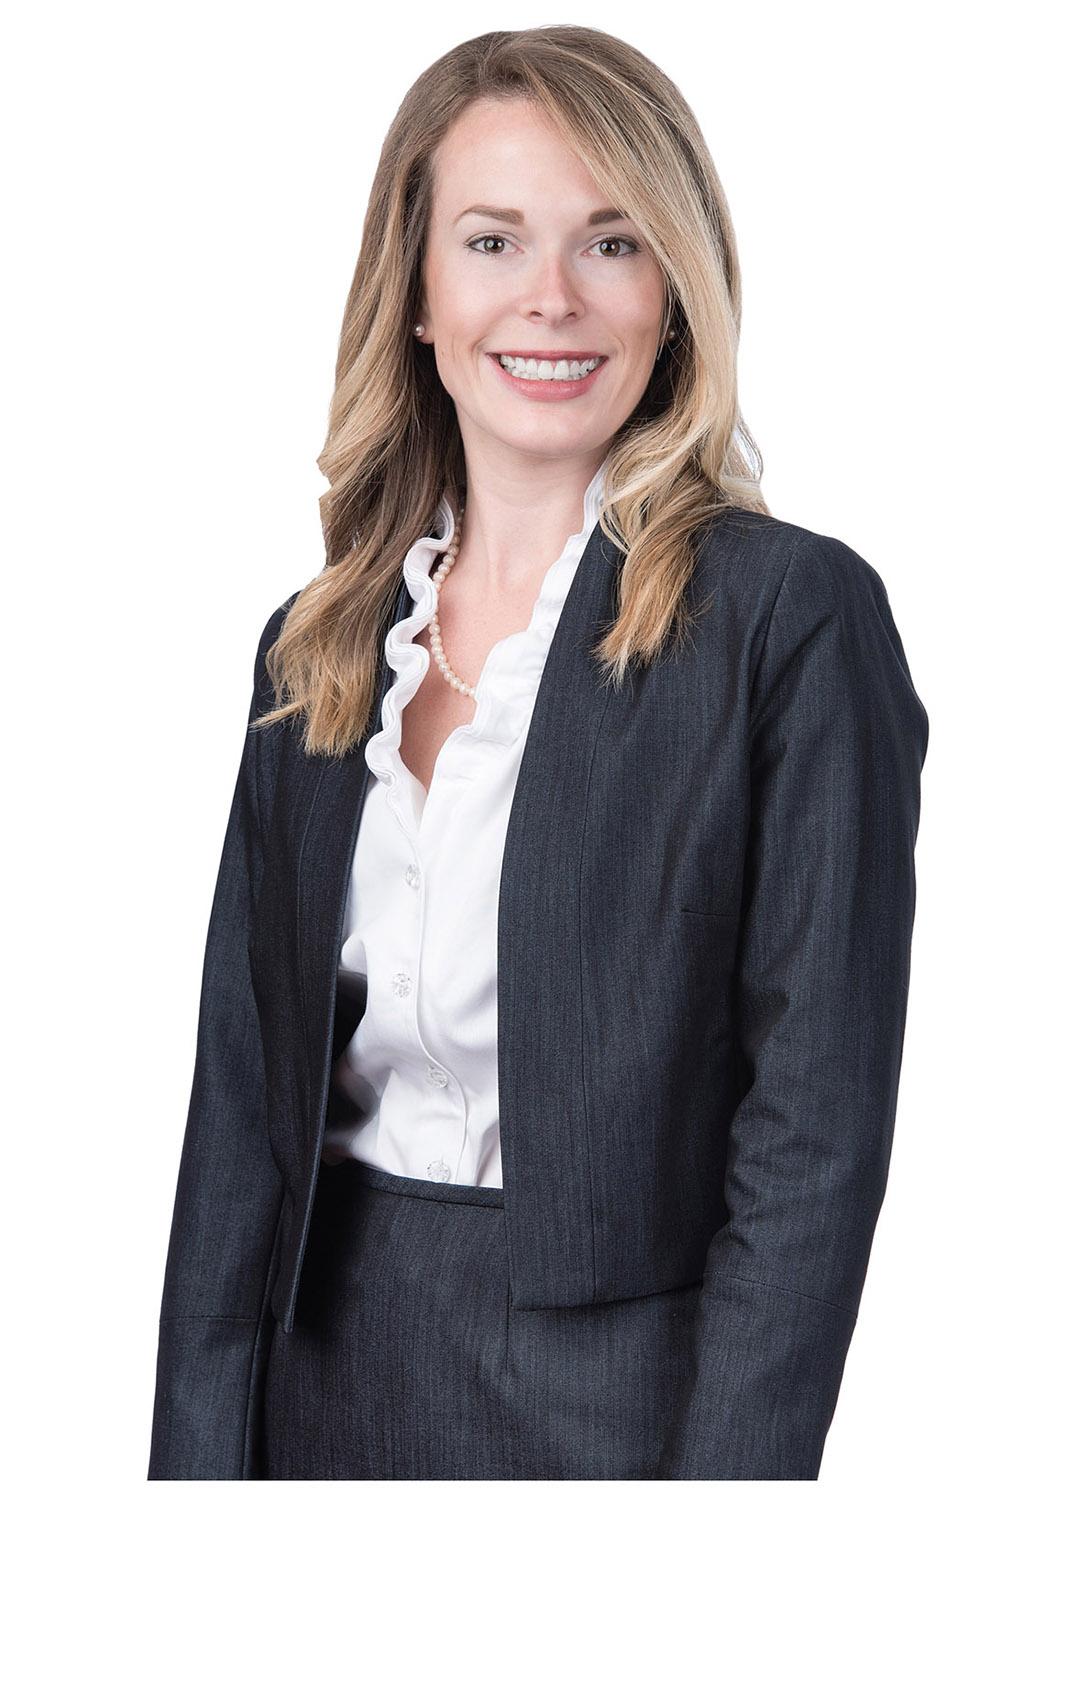 Amelia C. Lant